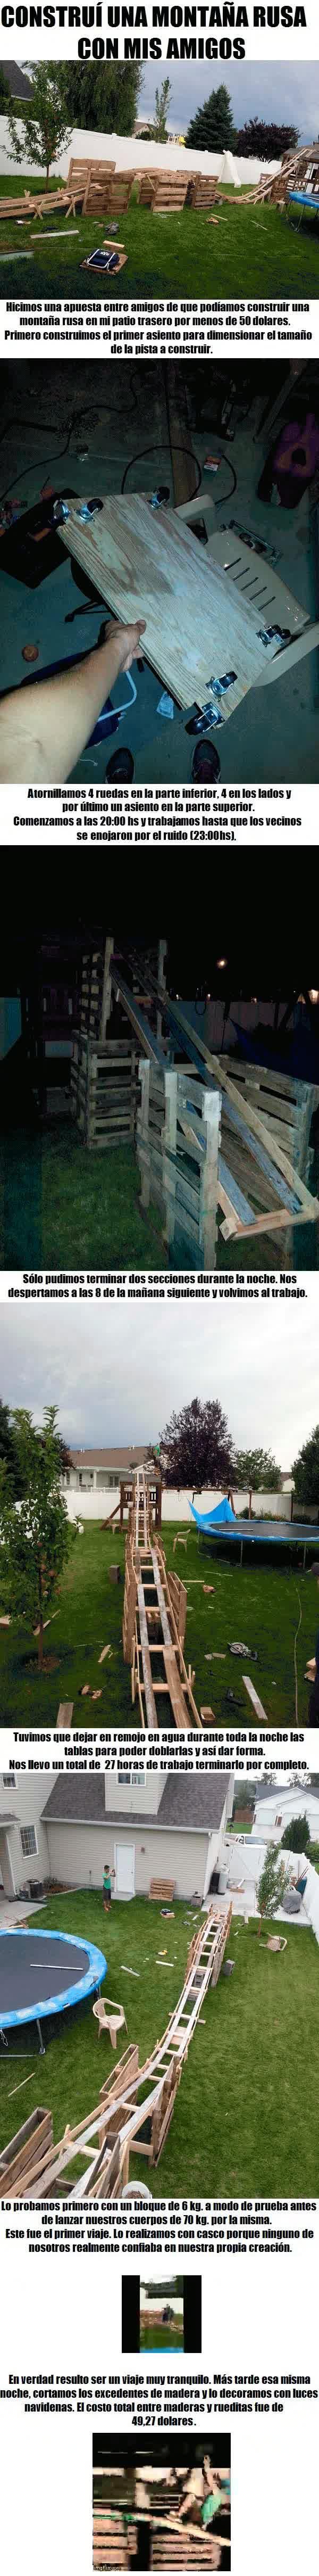 Enlace a Construcción de una montaña rusa en el jardín